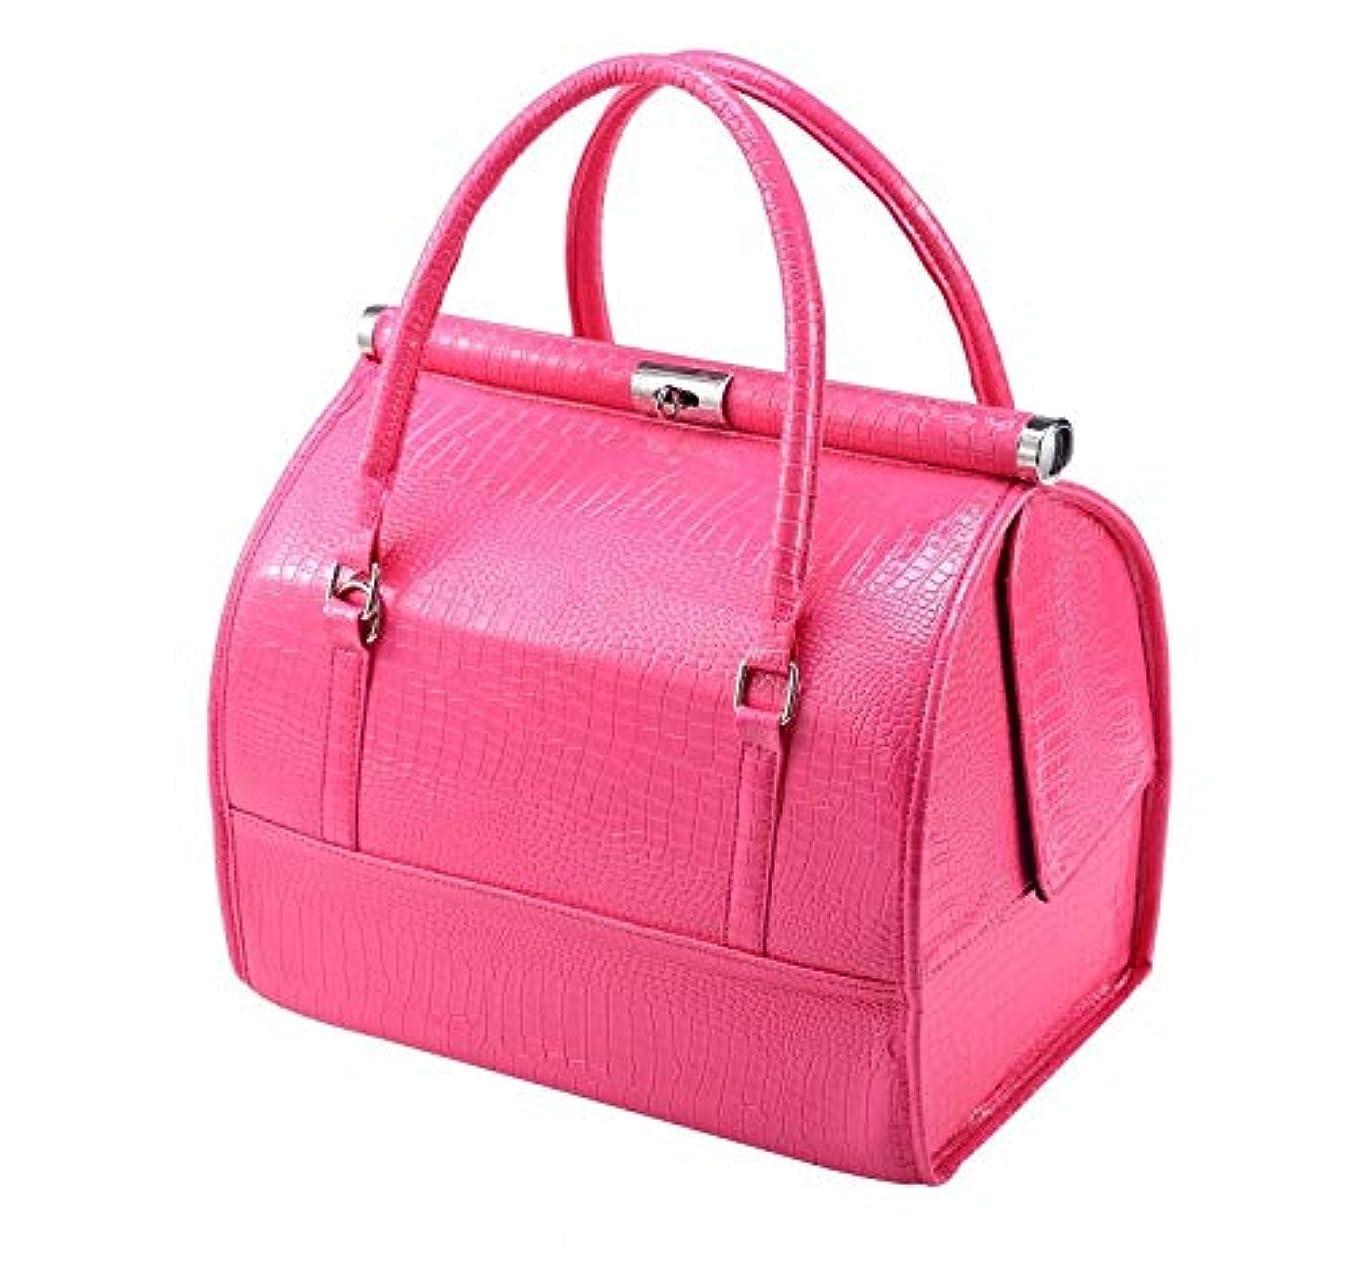 暖かさ無条件ミュート化粧箱、大容量の対角および携帯用化粧品の箱、携帯用旅行化粧品袋、美の釘の宝石類の収納箱 (Color : ピンク)